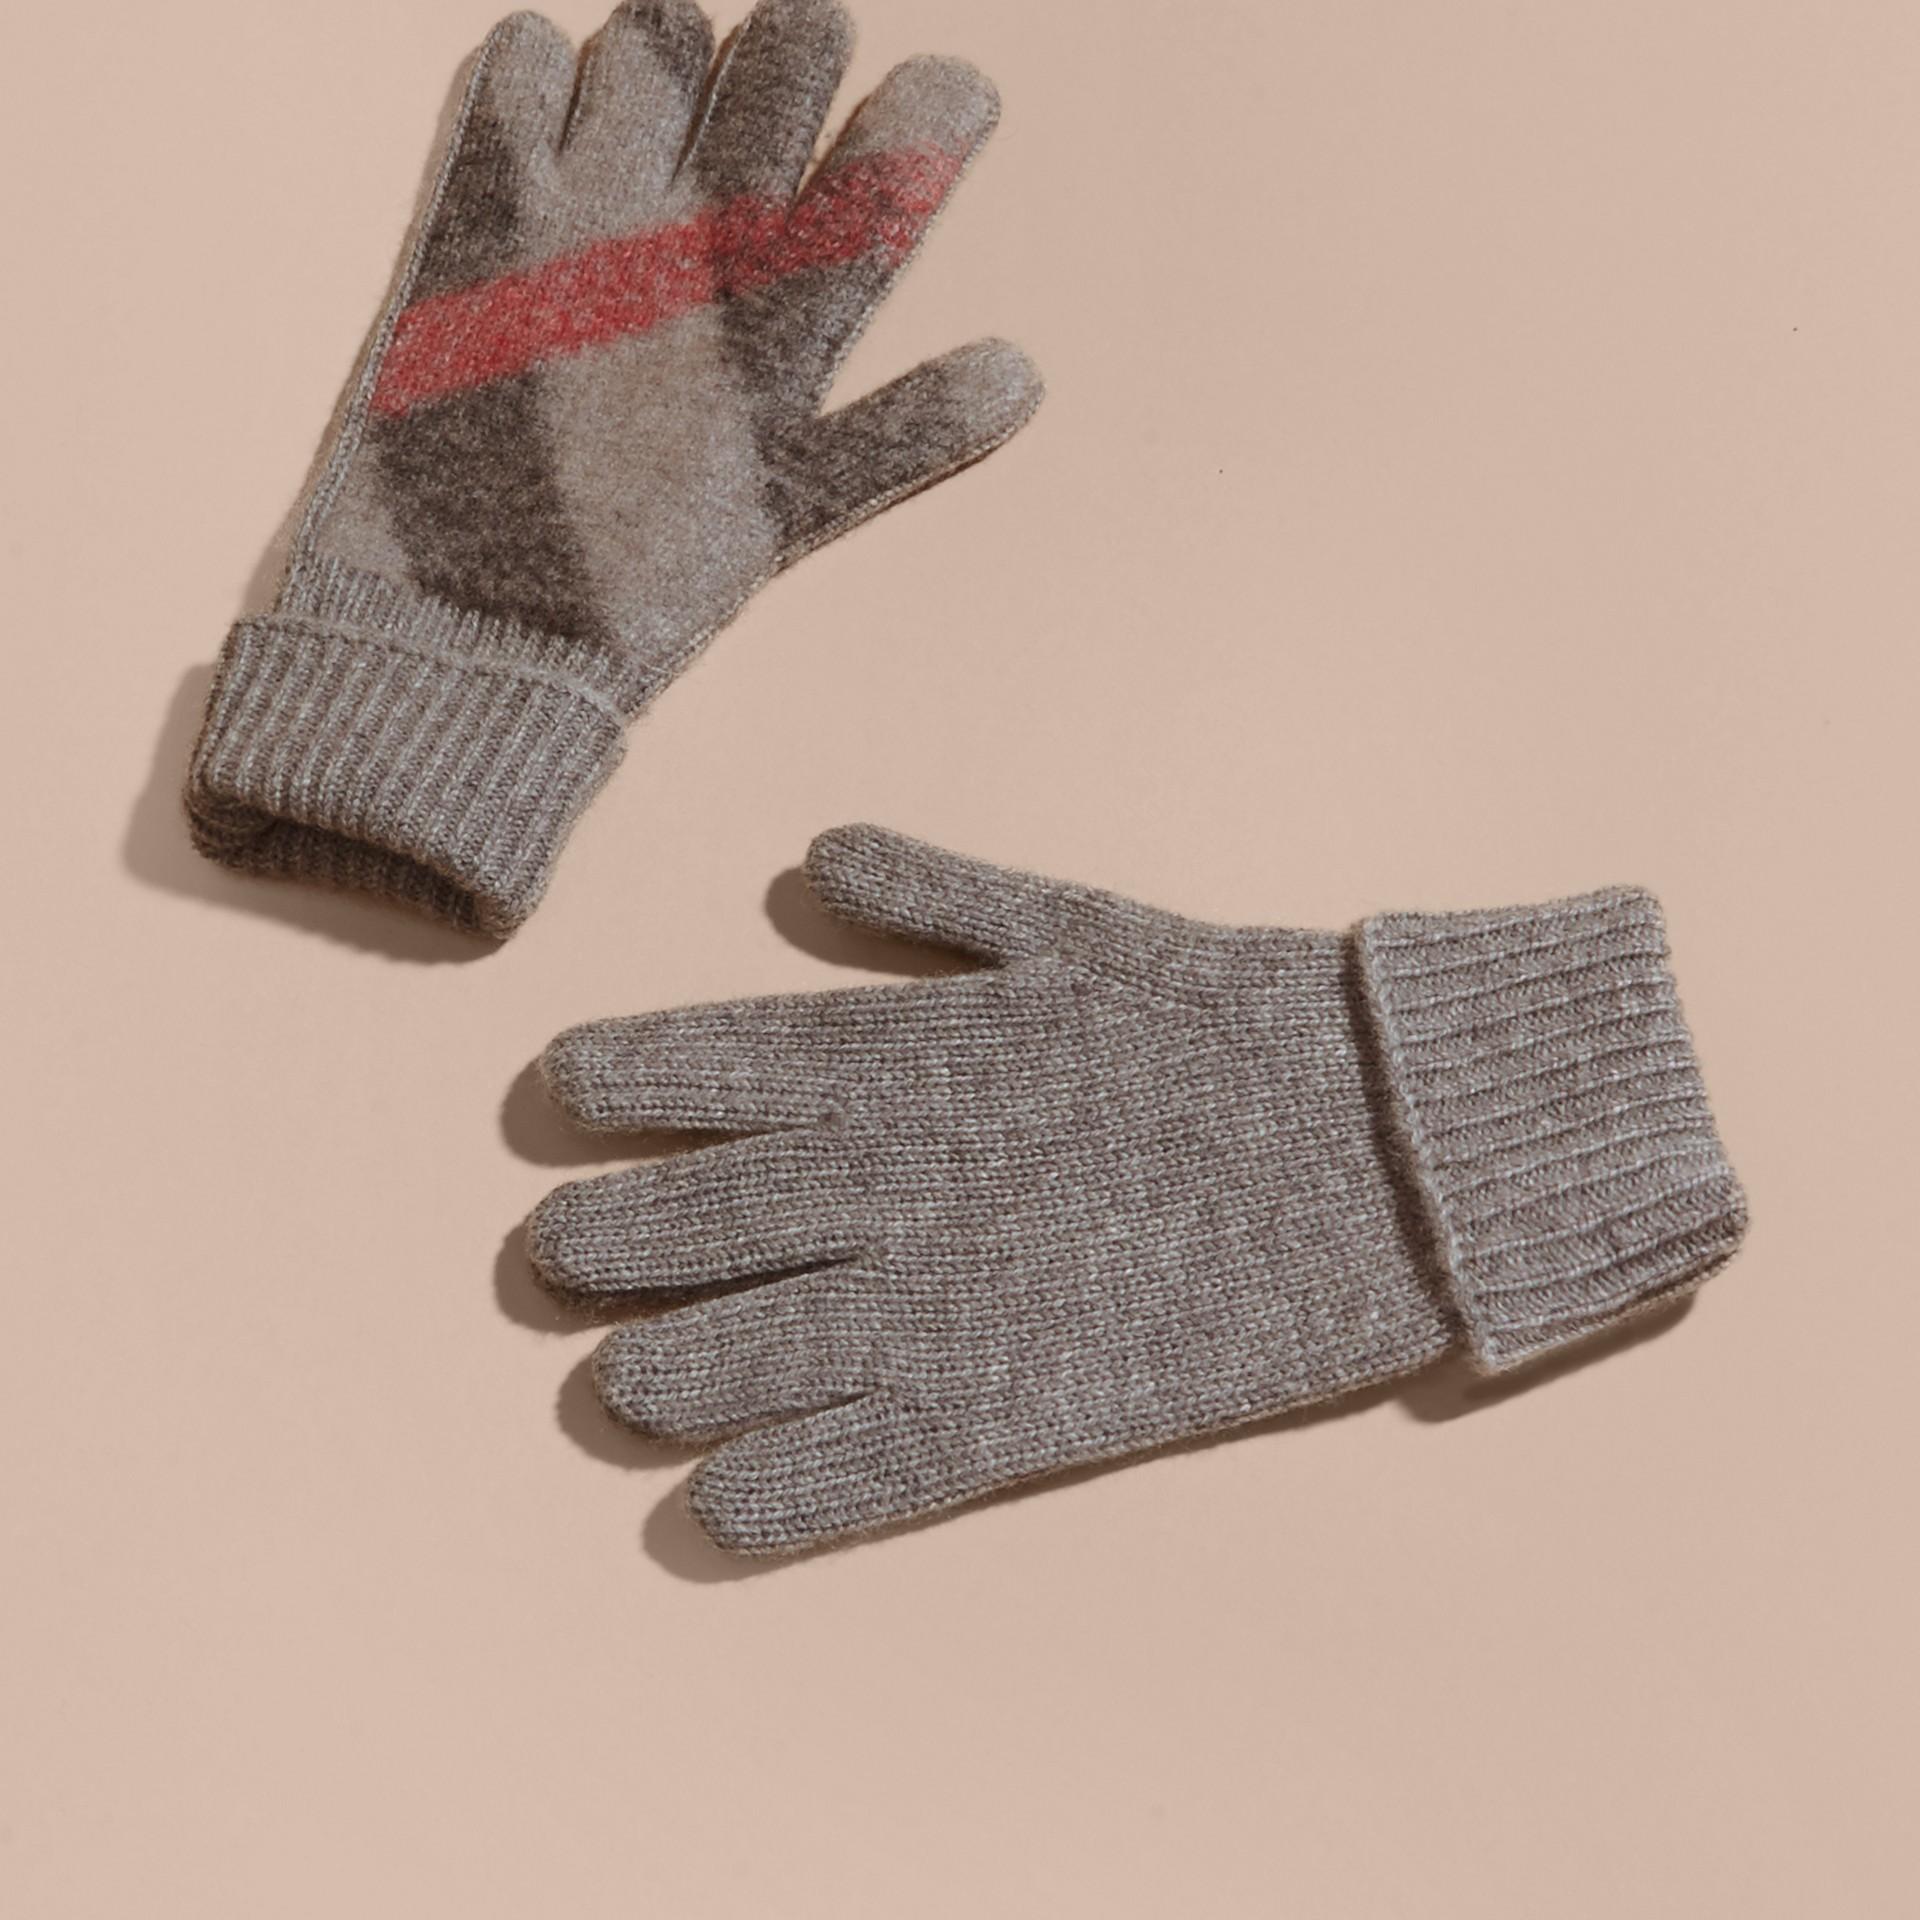 Cinza claro mesclado Luvas de lã e cashmere com detalhe xadrez - galeria de imagens 3